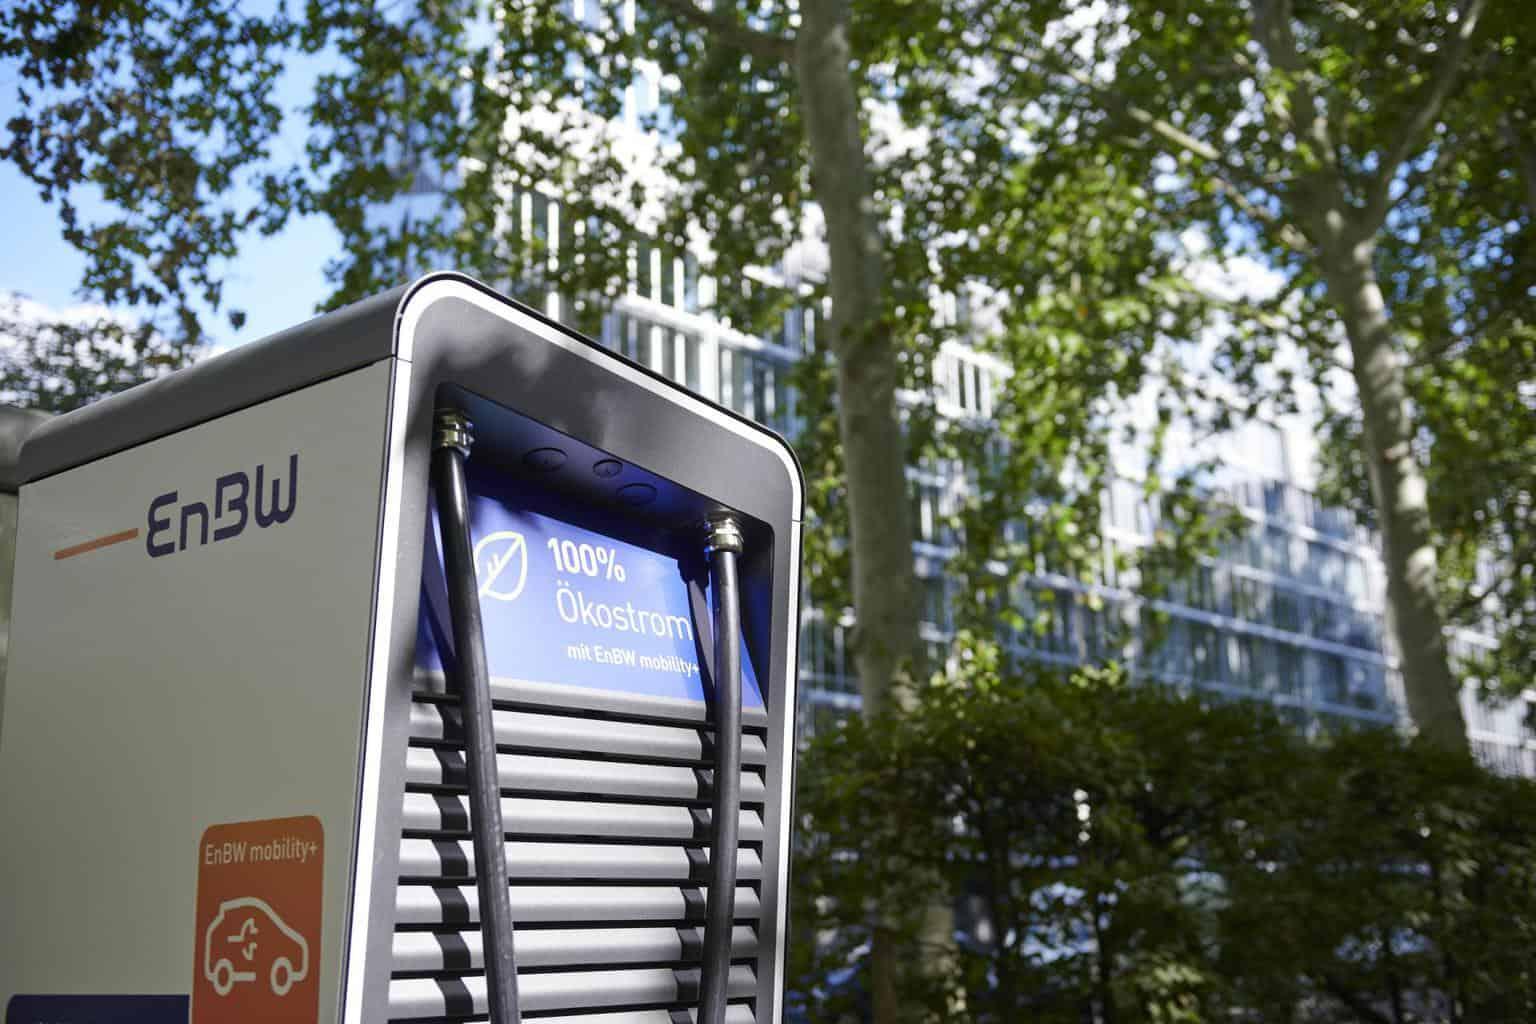 EnBW verspricht: Zukünftig Schnellladesäulen für E-Autos an toom Baumärkten